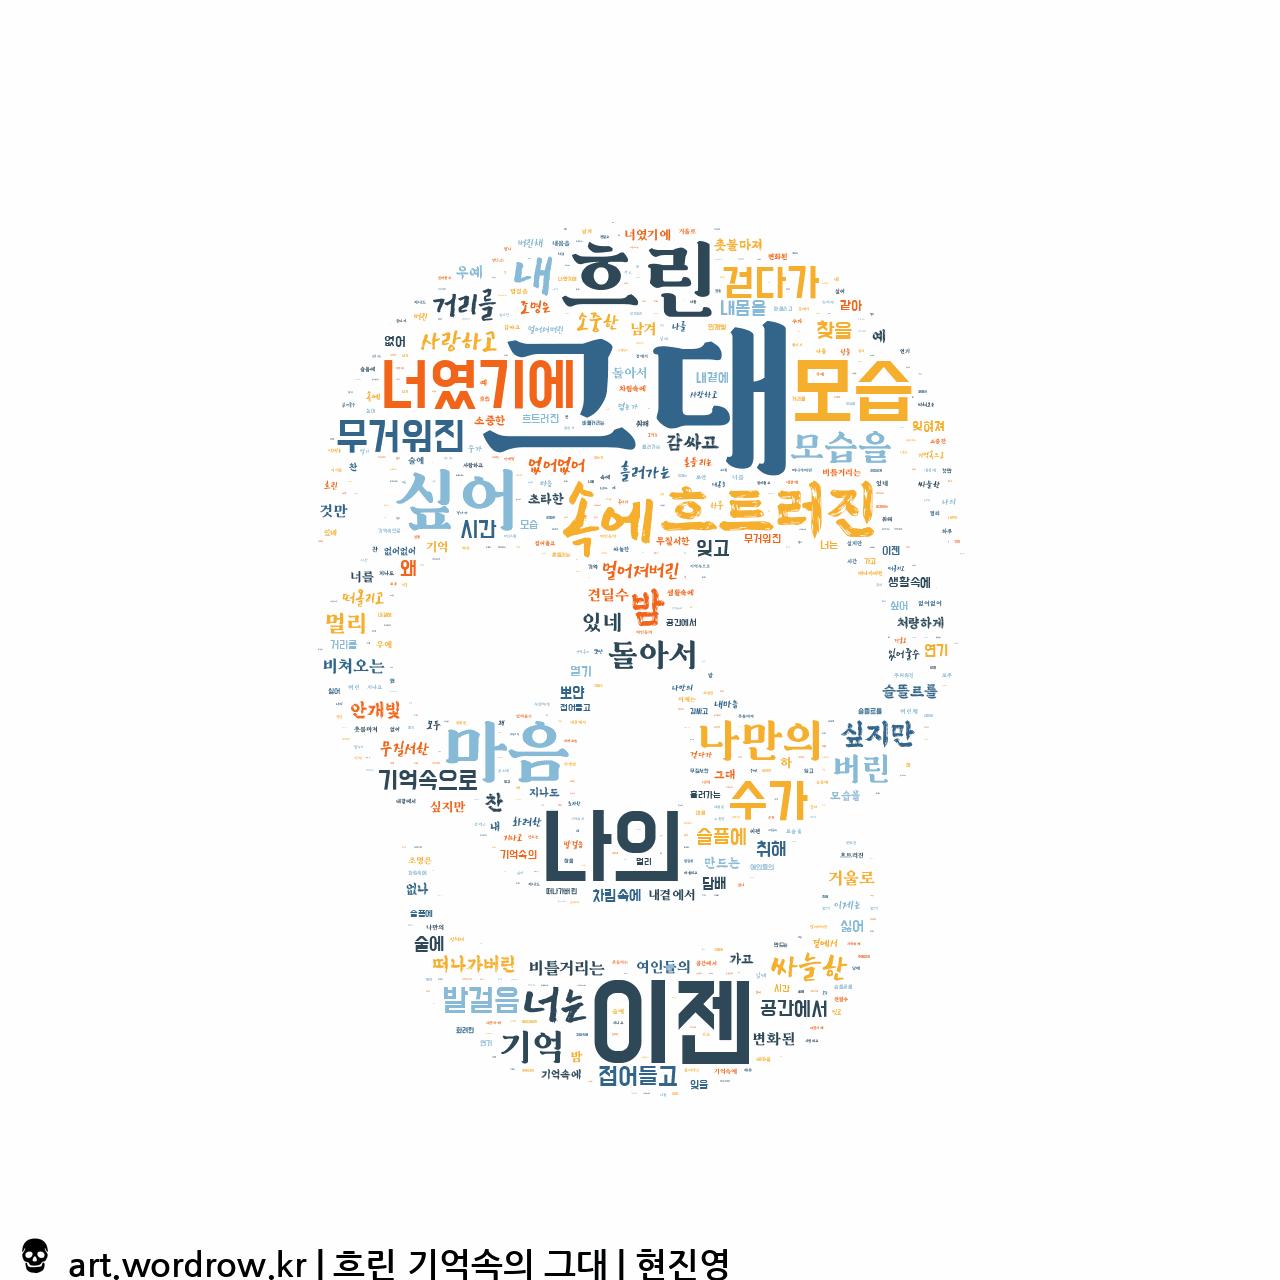 워드 아트: 흐린 기억속의 그대 [현진영]-36